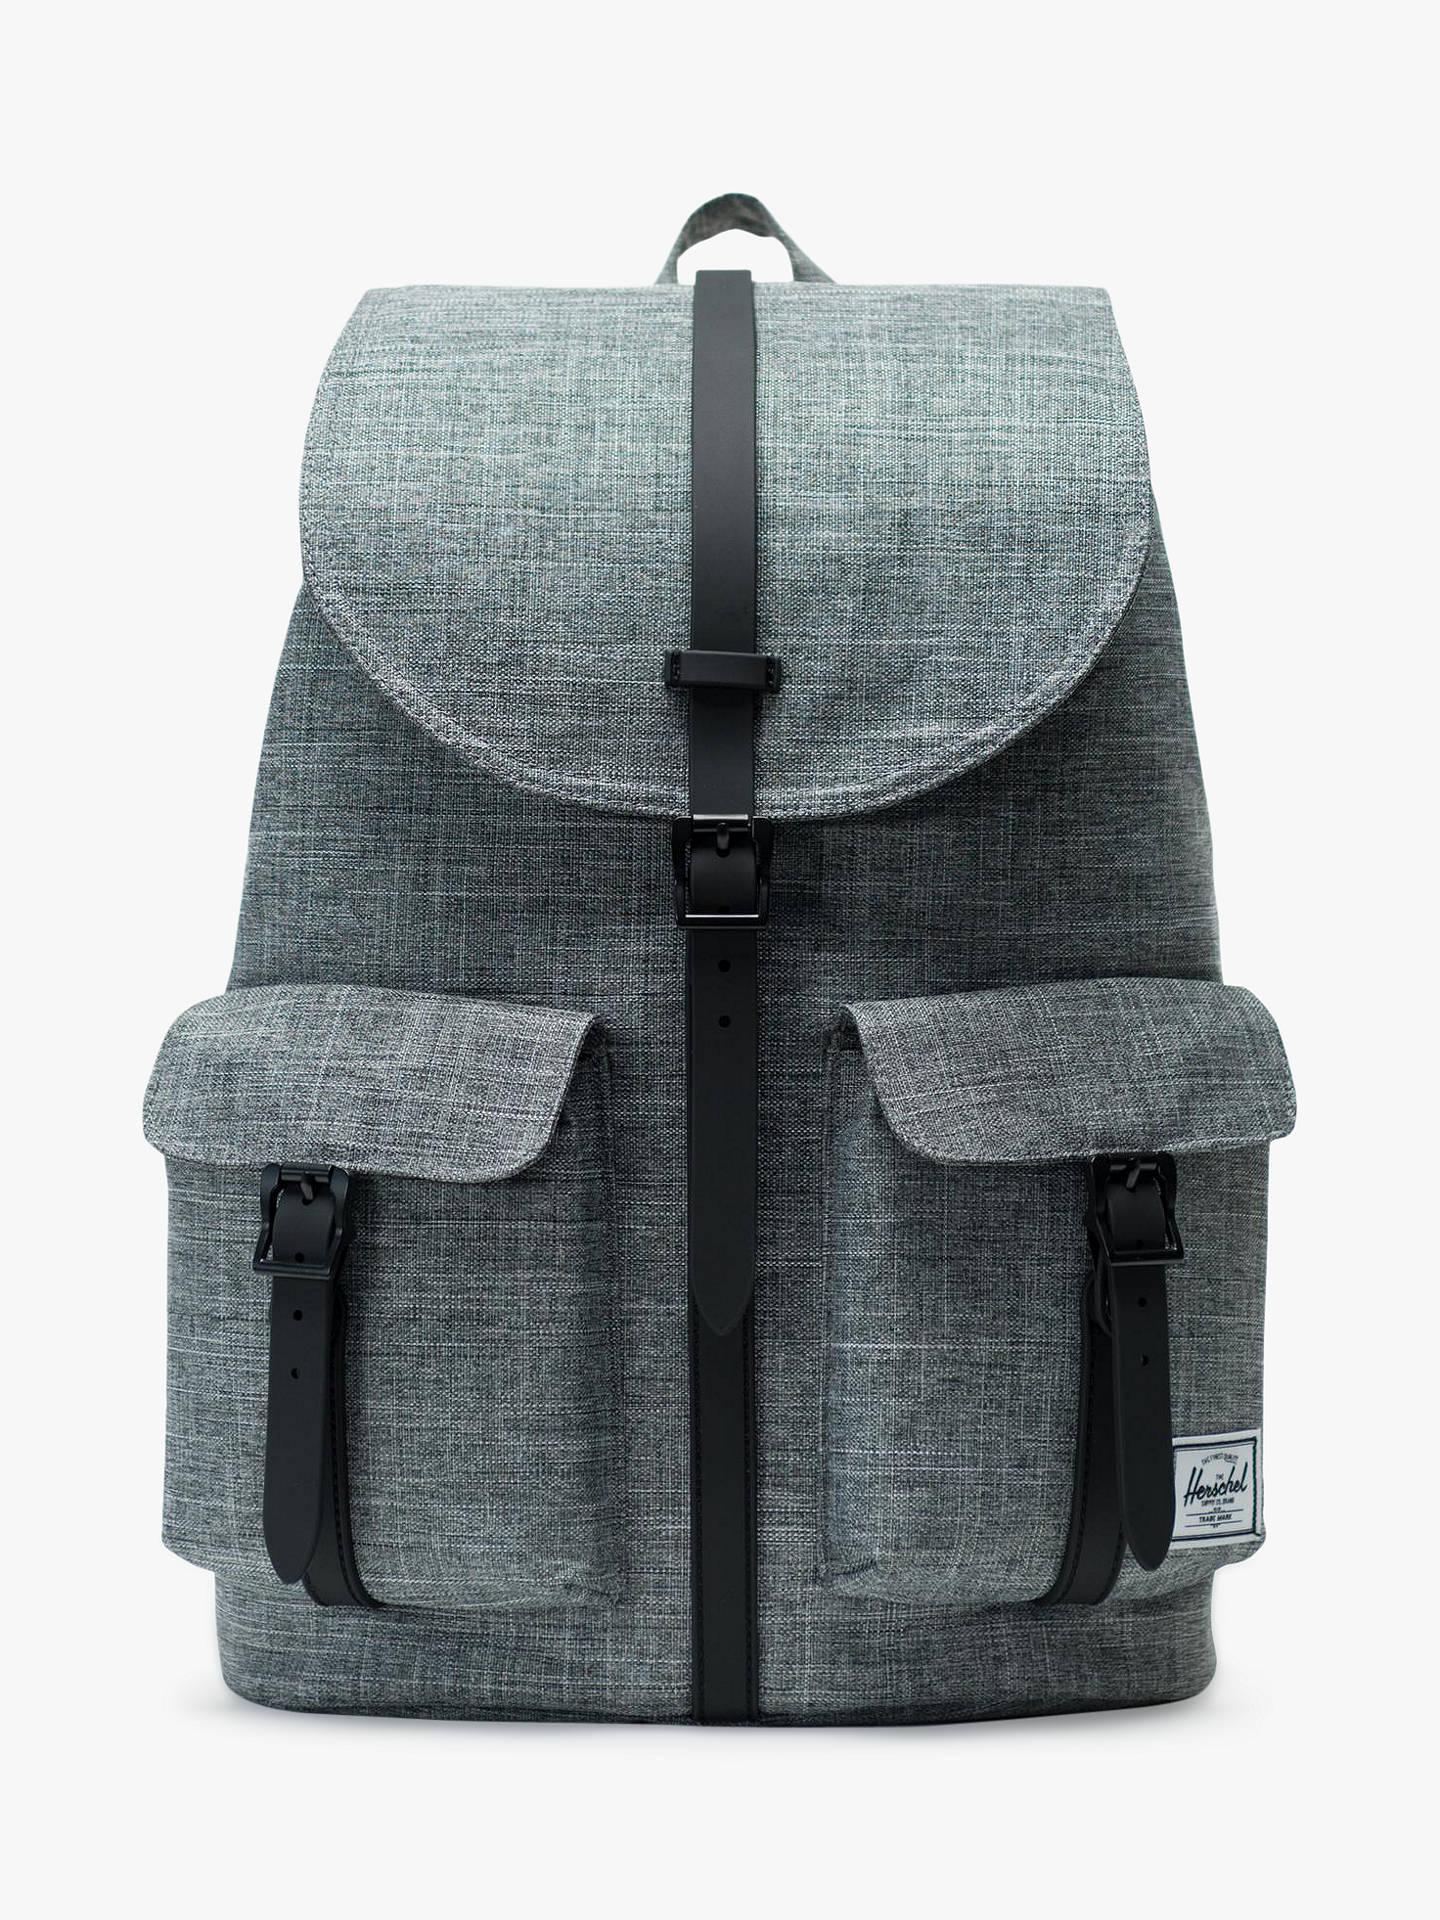 c8fdb2d2bb5614 Buy Herschel Supply Co. Dawson Raven Backpack, Crosshatch/Black Online at  johnlewis.